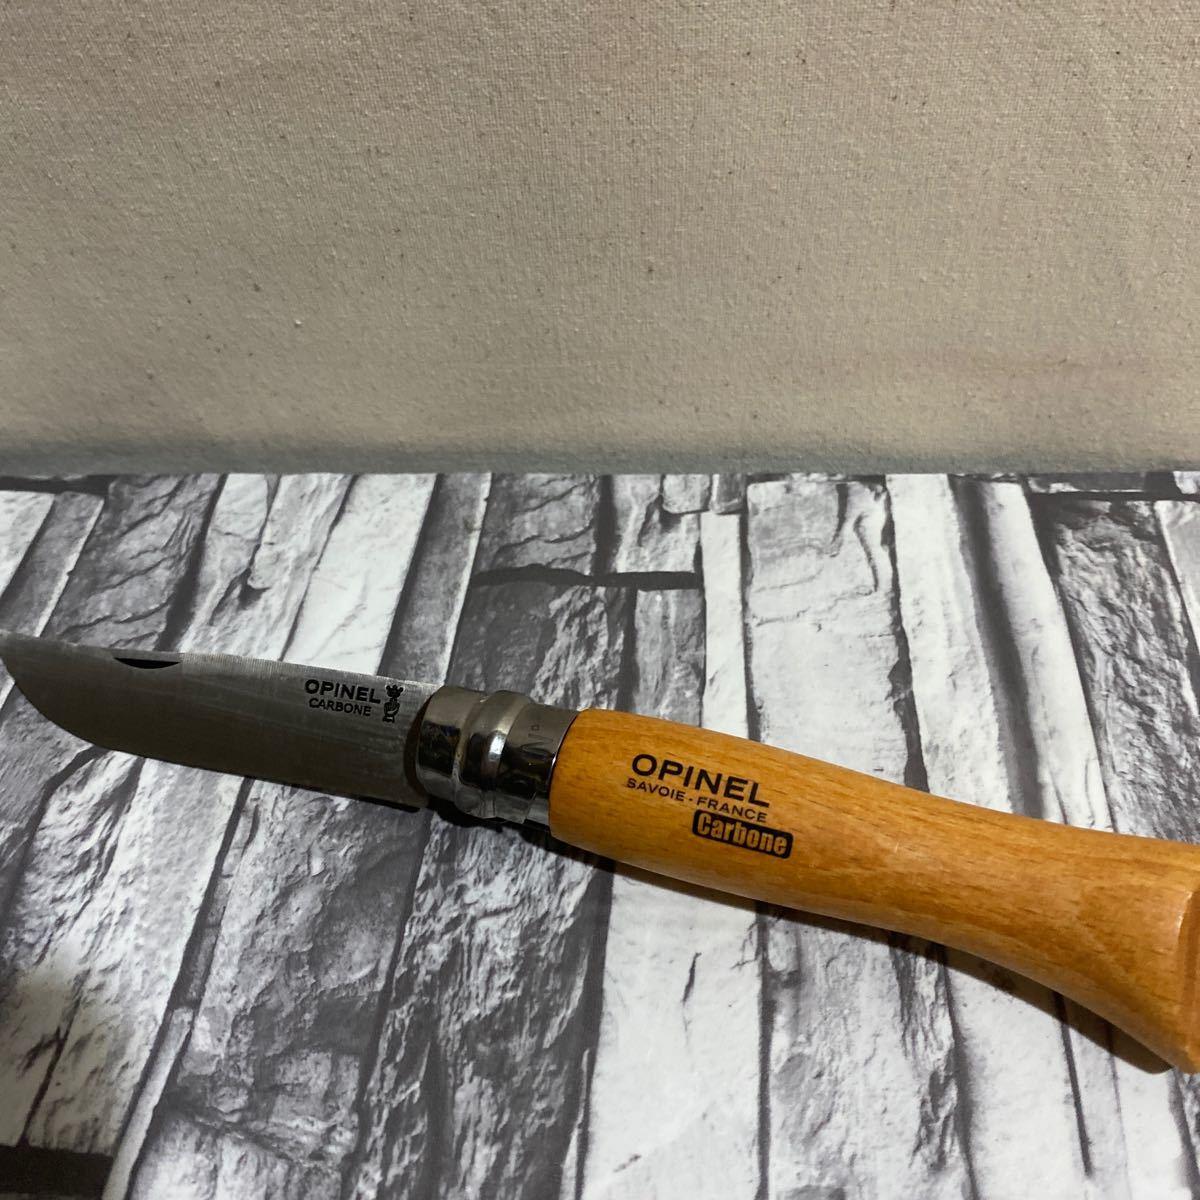 オピネル カーボン9 折りたたみナイフ 新品